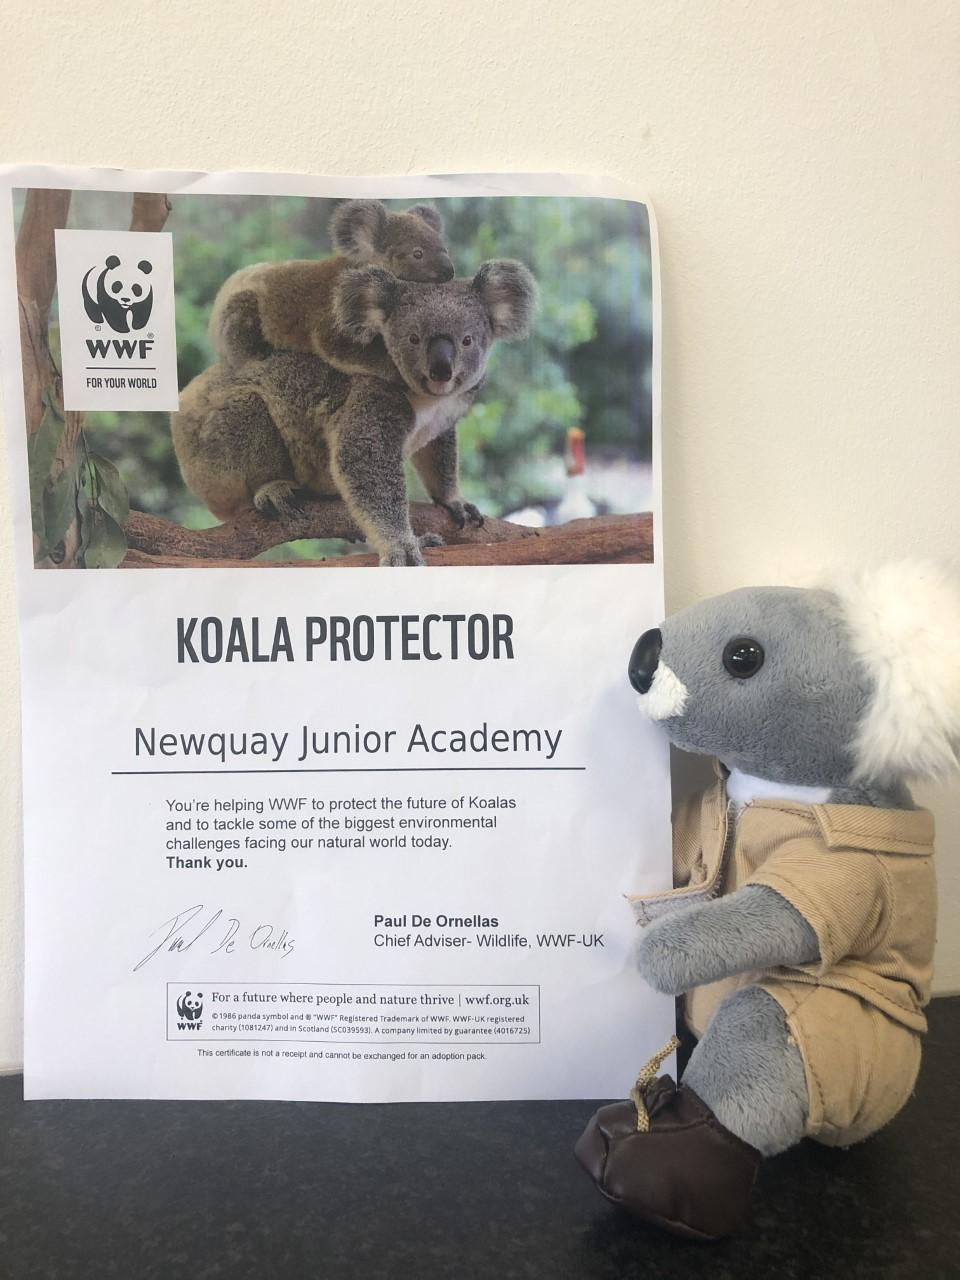 Koala Protector